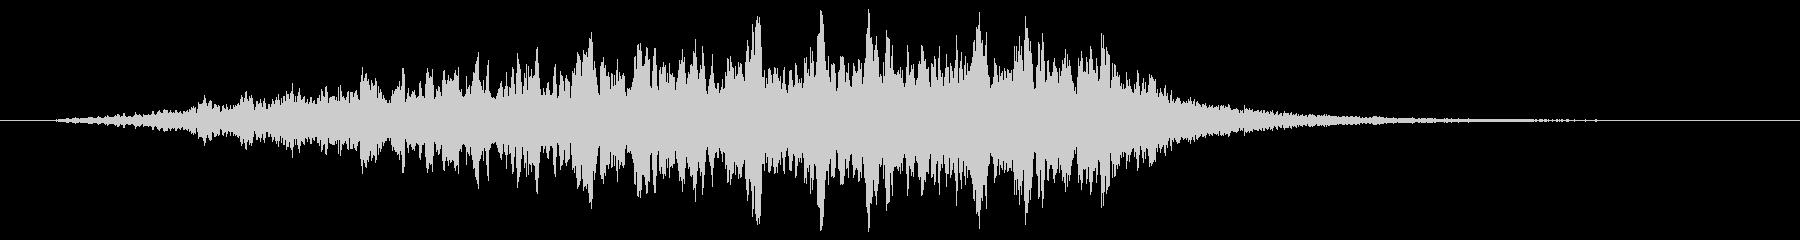 魔法陣をイメージした効果音の未再生の波形